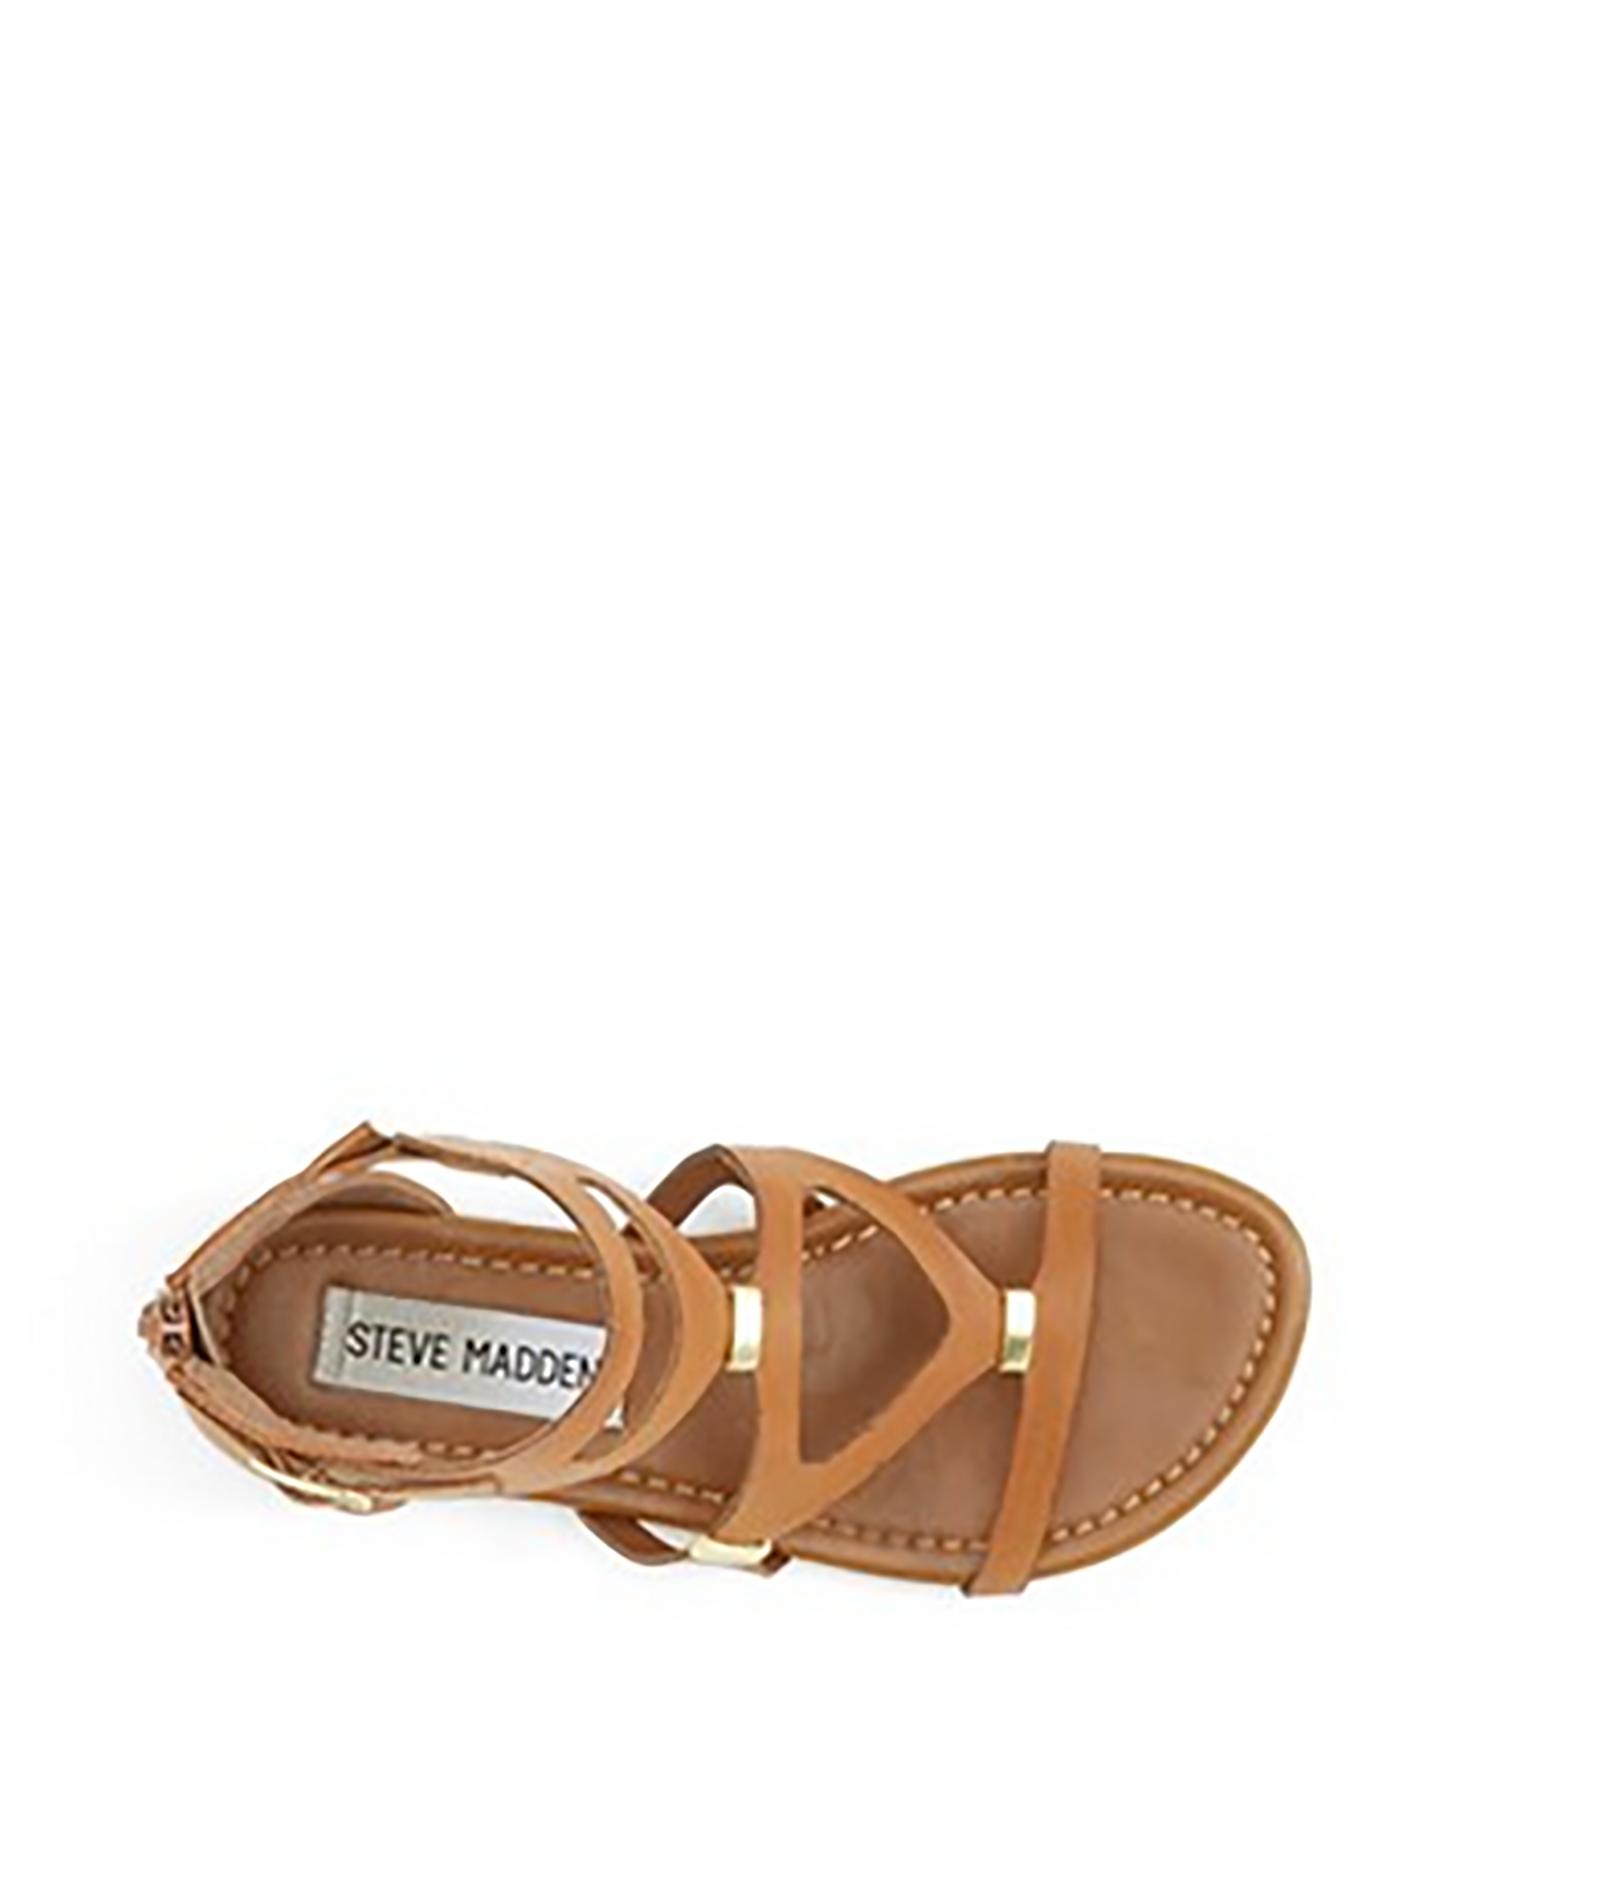 09272e059e94 Steve Madden Girls Comma Sandal Shoes Flats Sandals